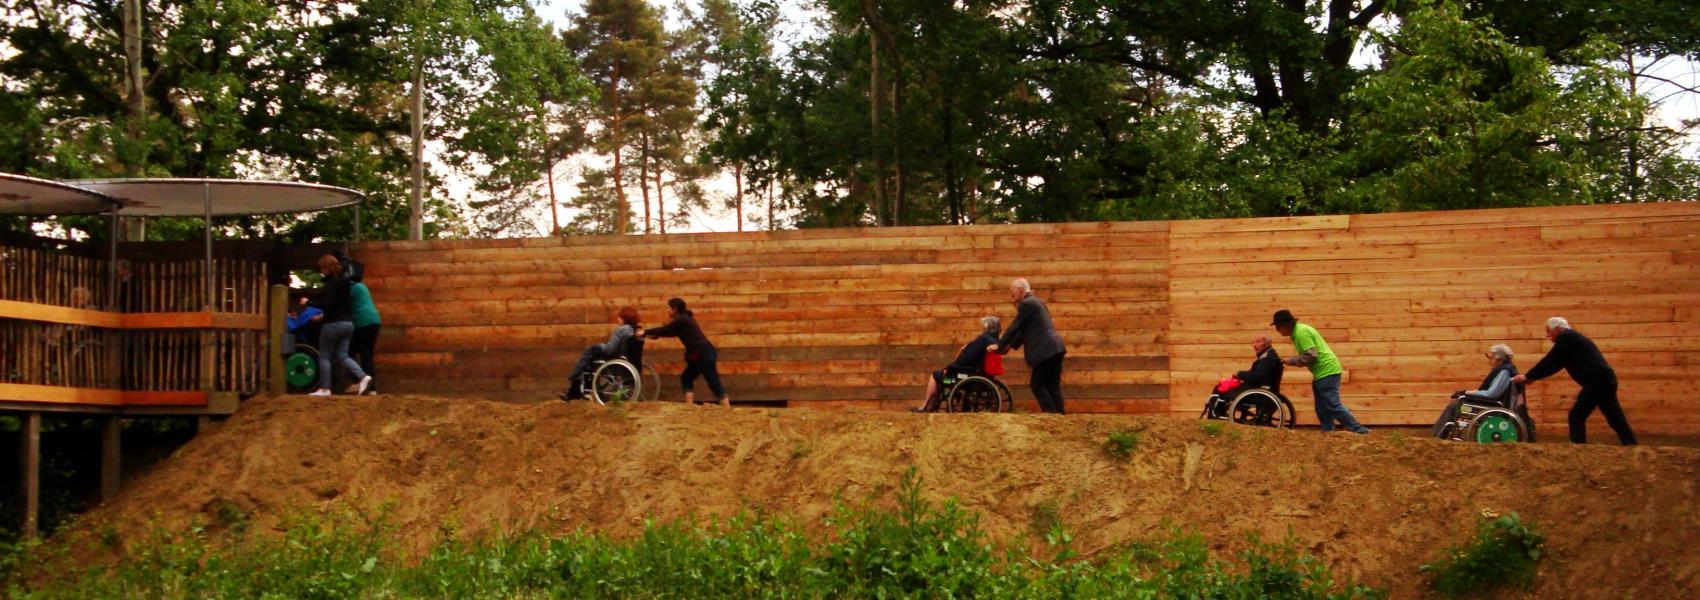 rolstoeltoegankelijke kijkwand in het Meerdaalwoud